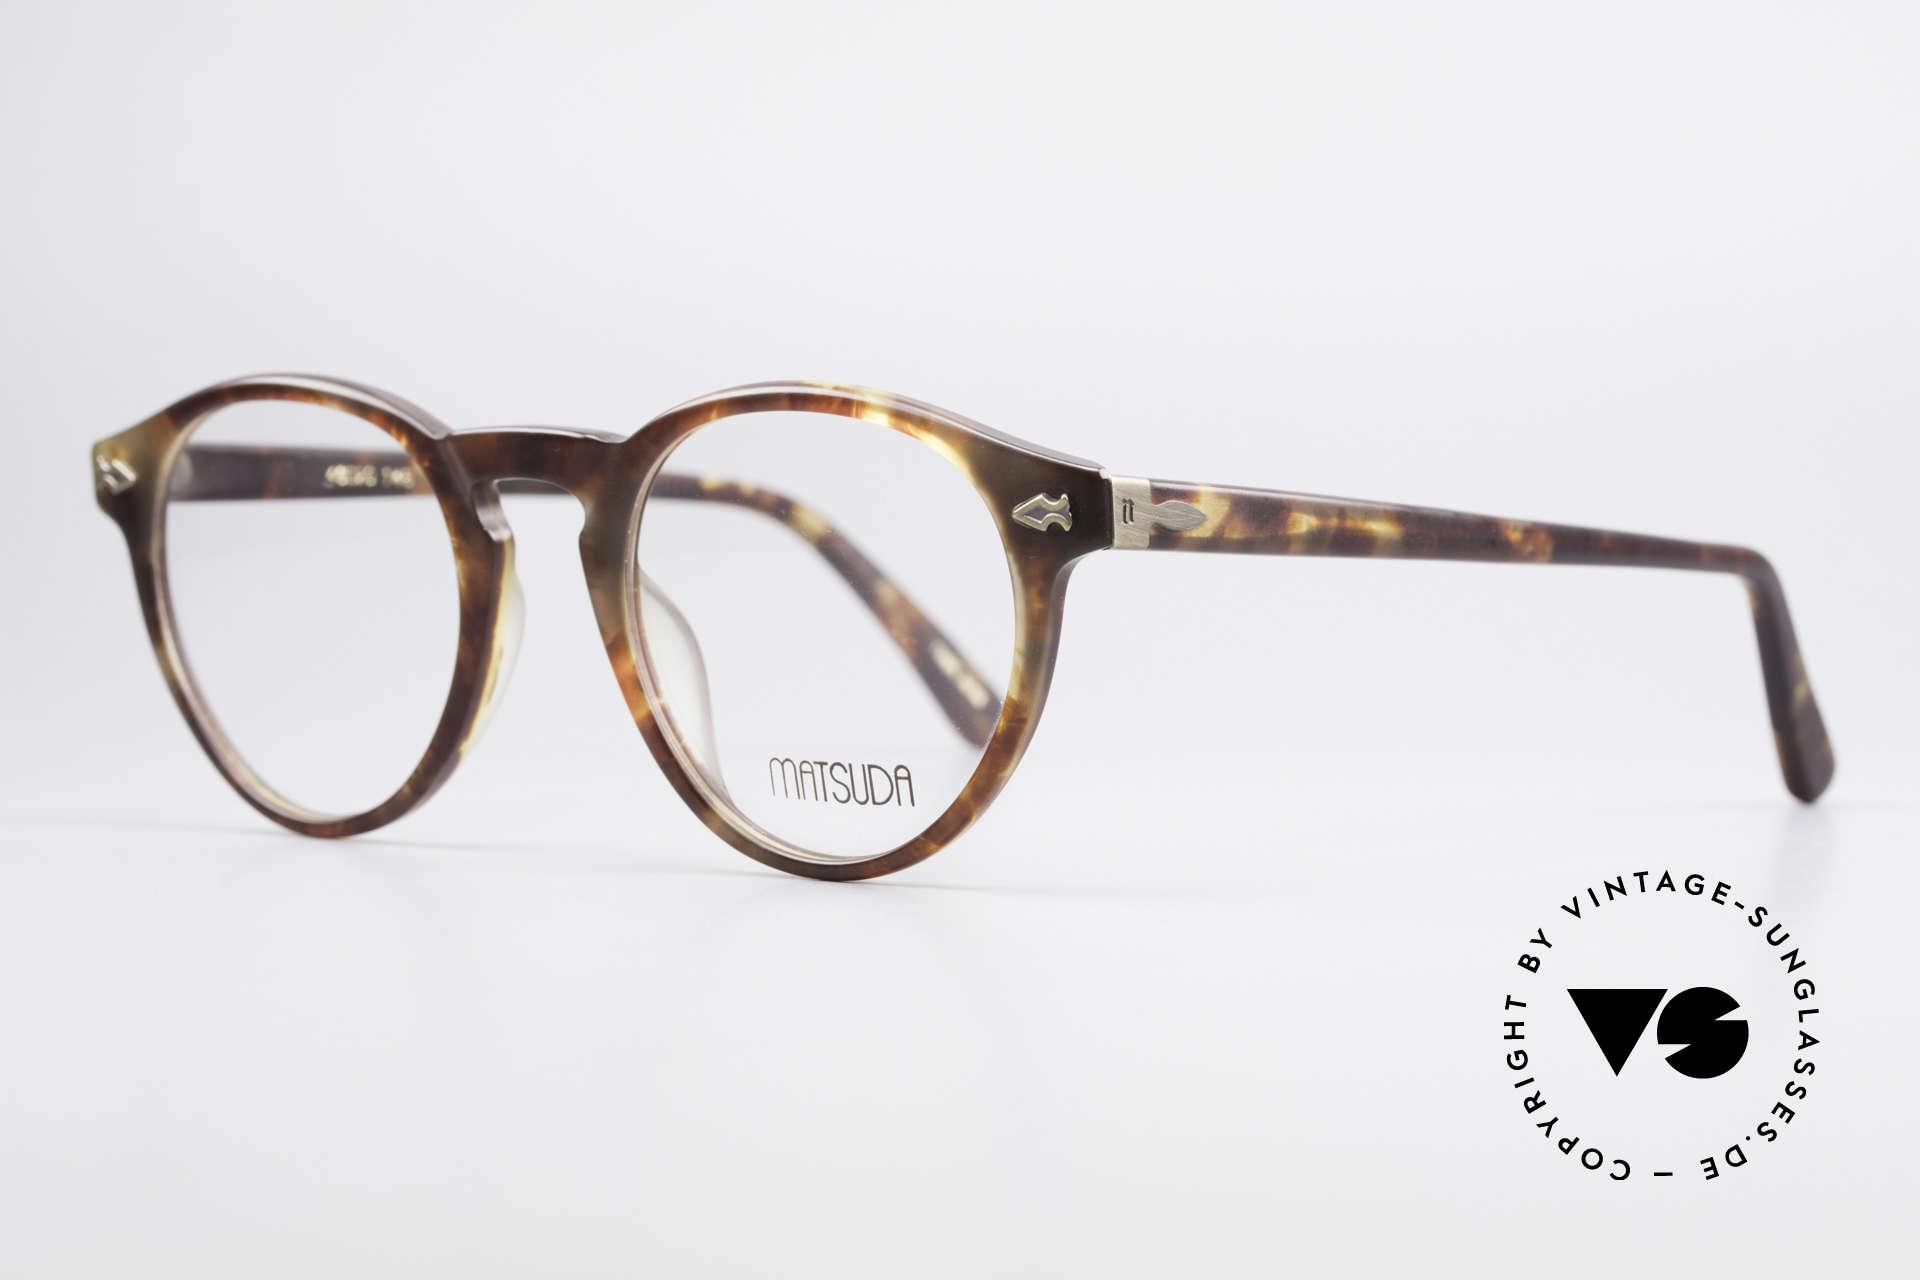 Matsuda 2303 Panto Vintage Designerbrille, ein Klassiker in Farbe und Form, medium Gr. 46/20, Passend für Herren und Damen